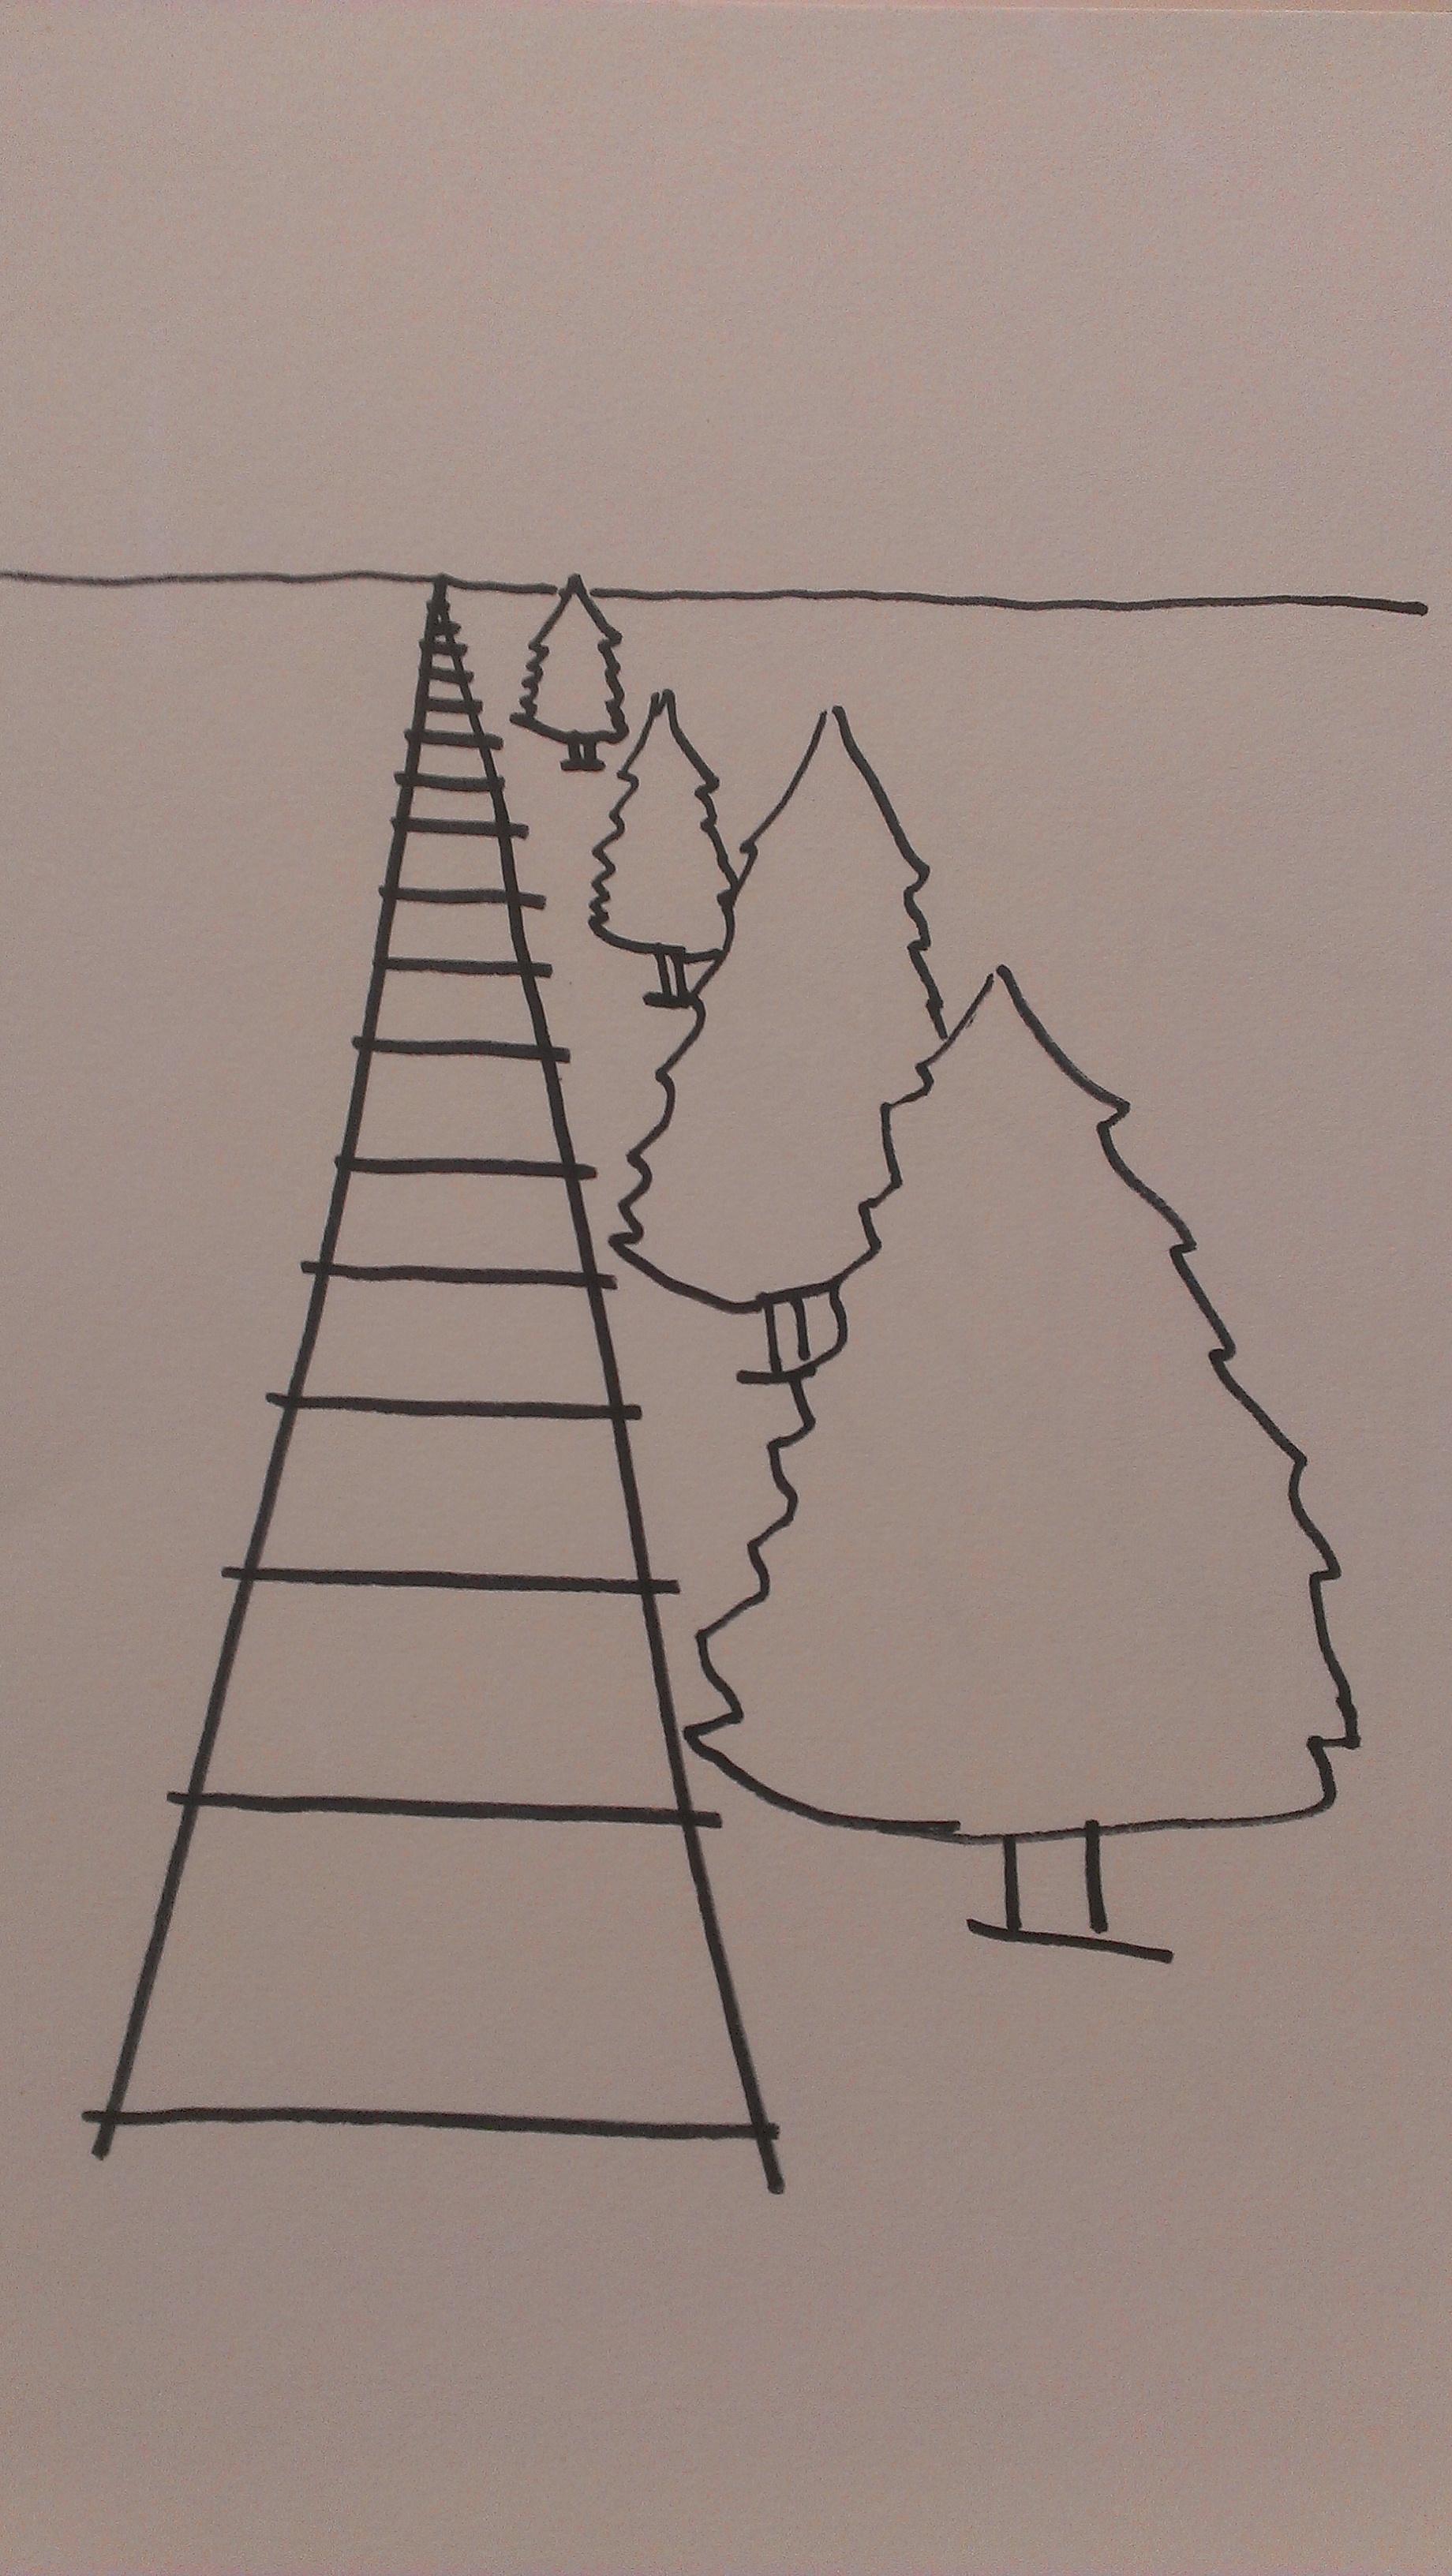 Perspective Drawing Room: Beginner's School